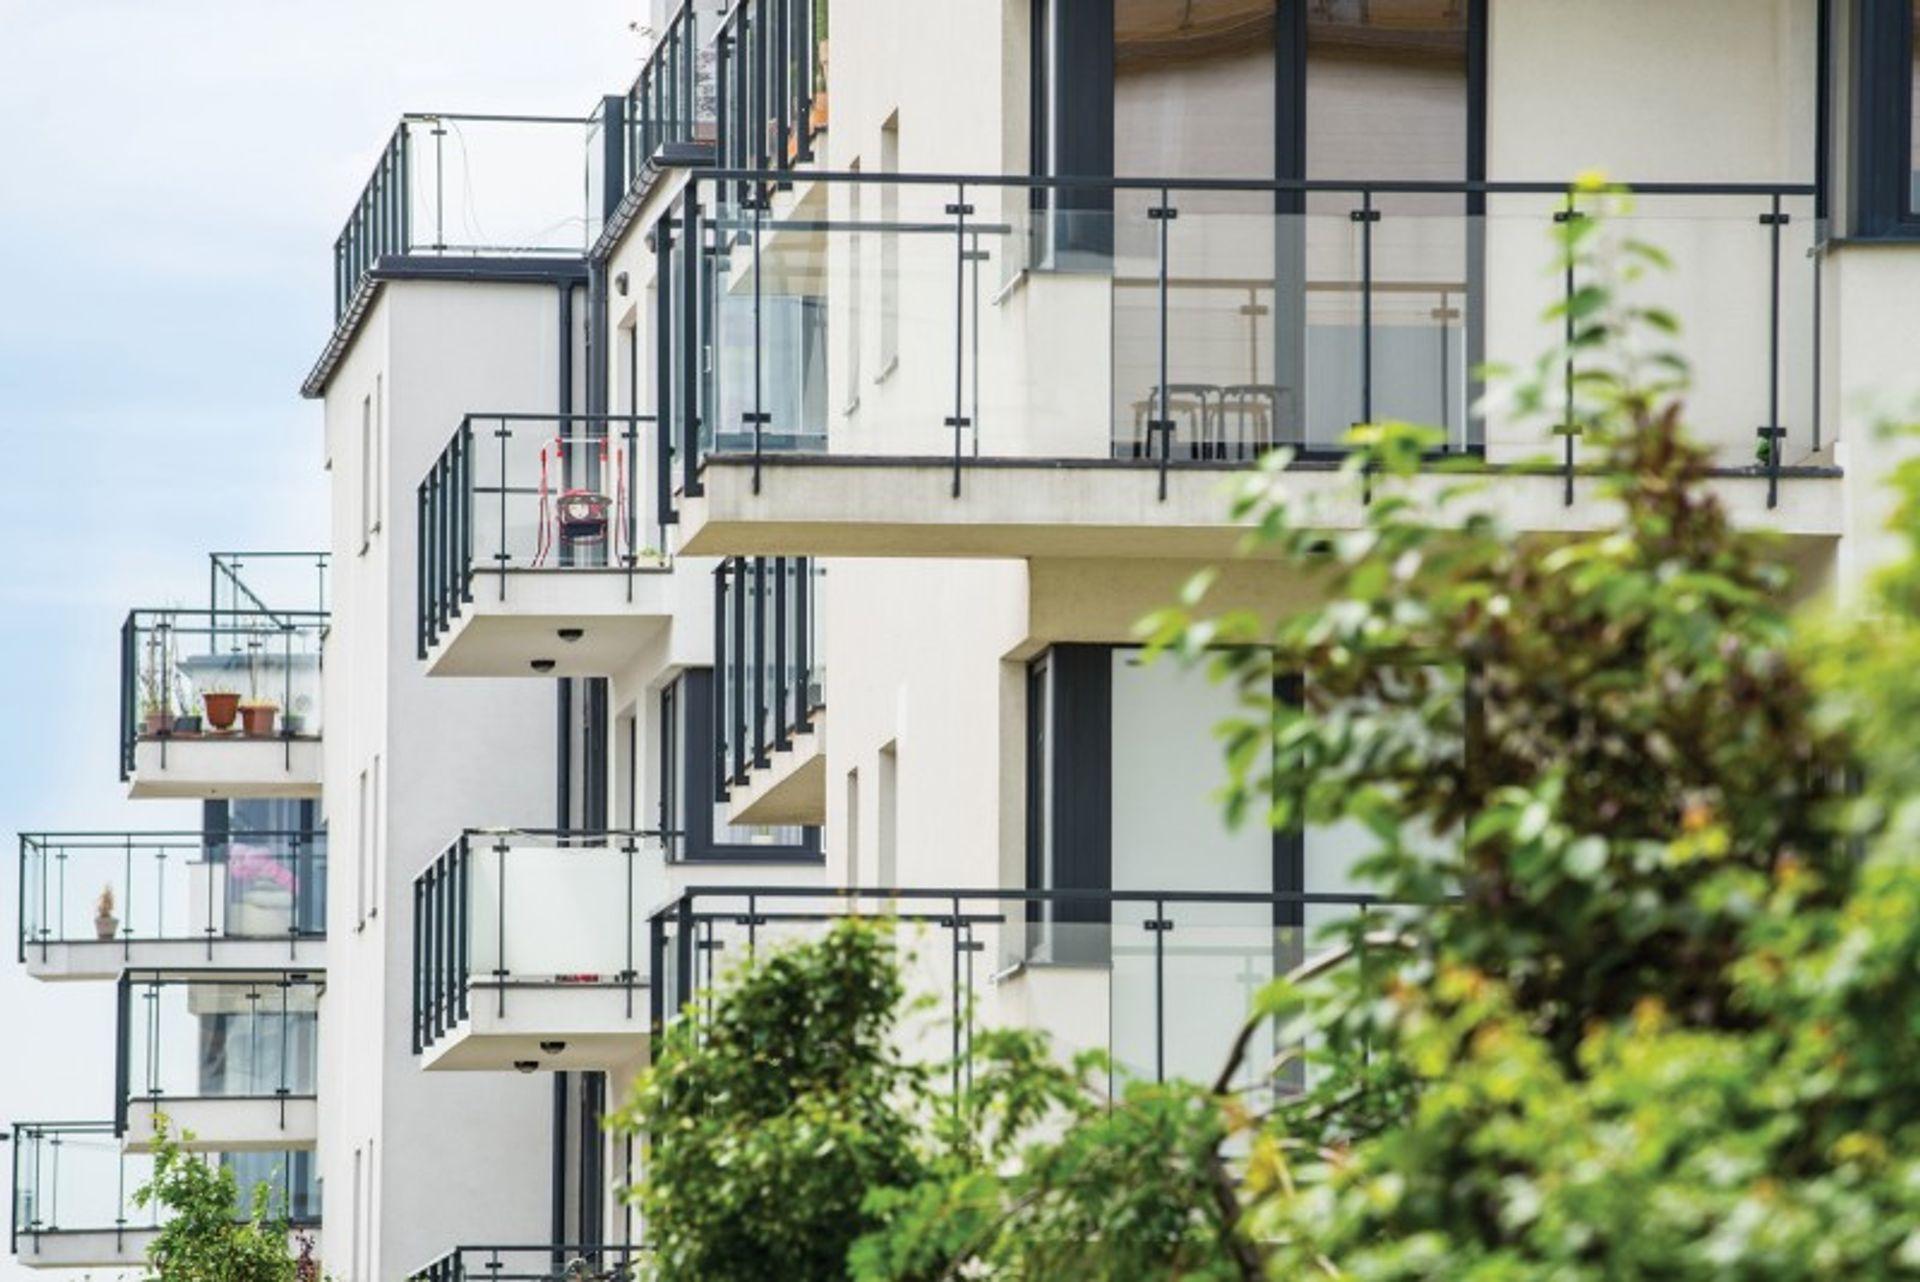 [Warszawa] Twoje Osiedle Głębocka z ostatnimi gotowymi mieszkaniami i prawomocnym pozwoleniem na użytkowanie II etapu inwestycji